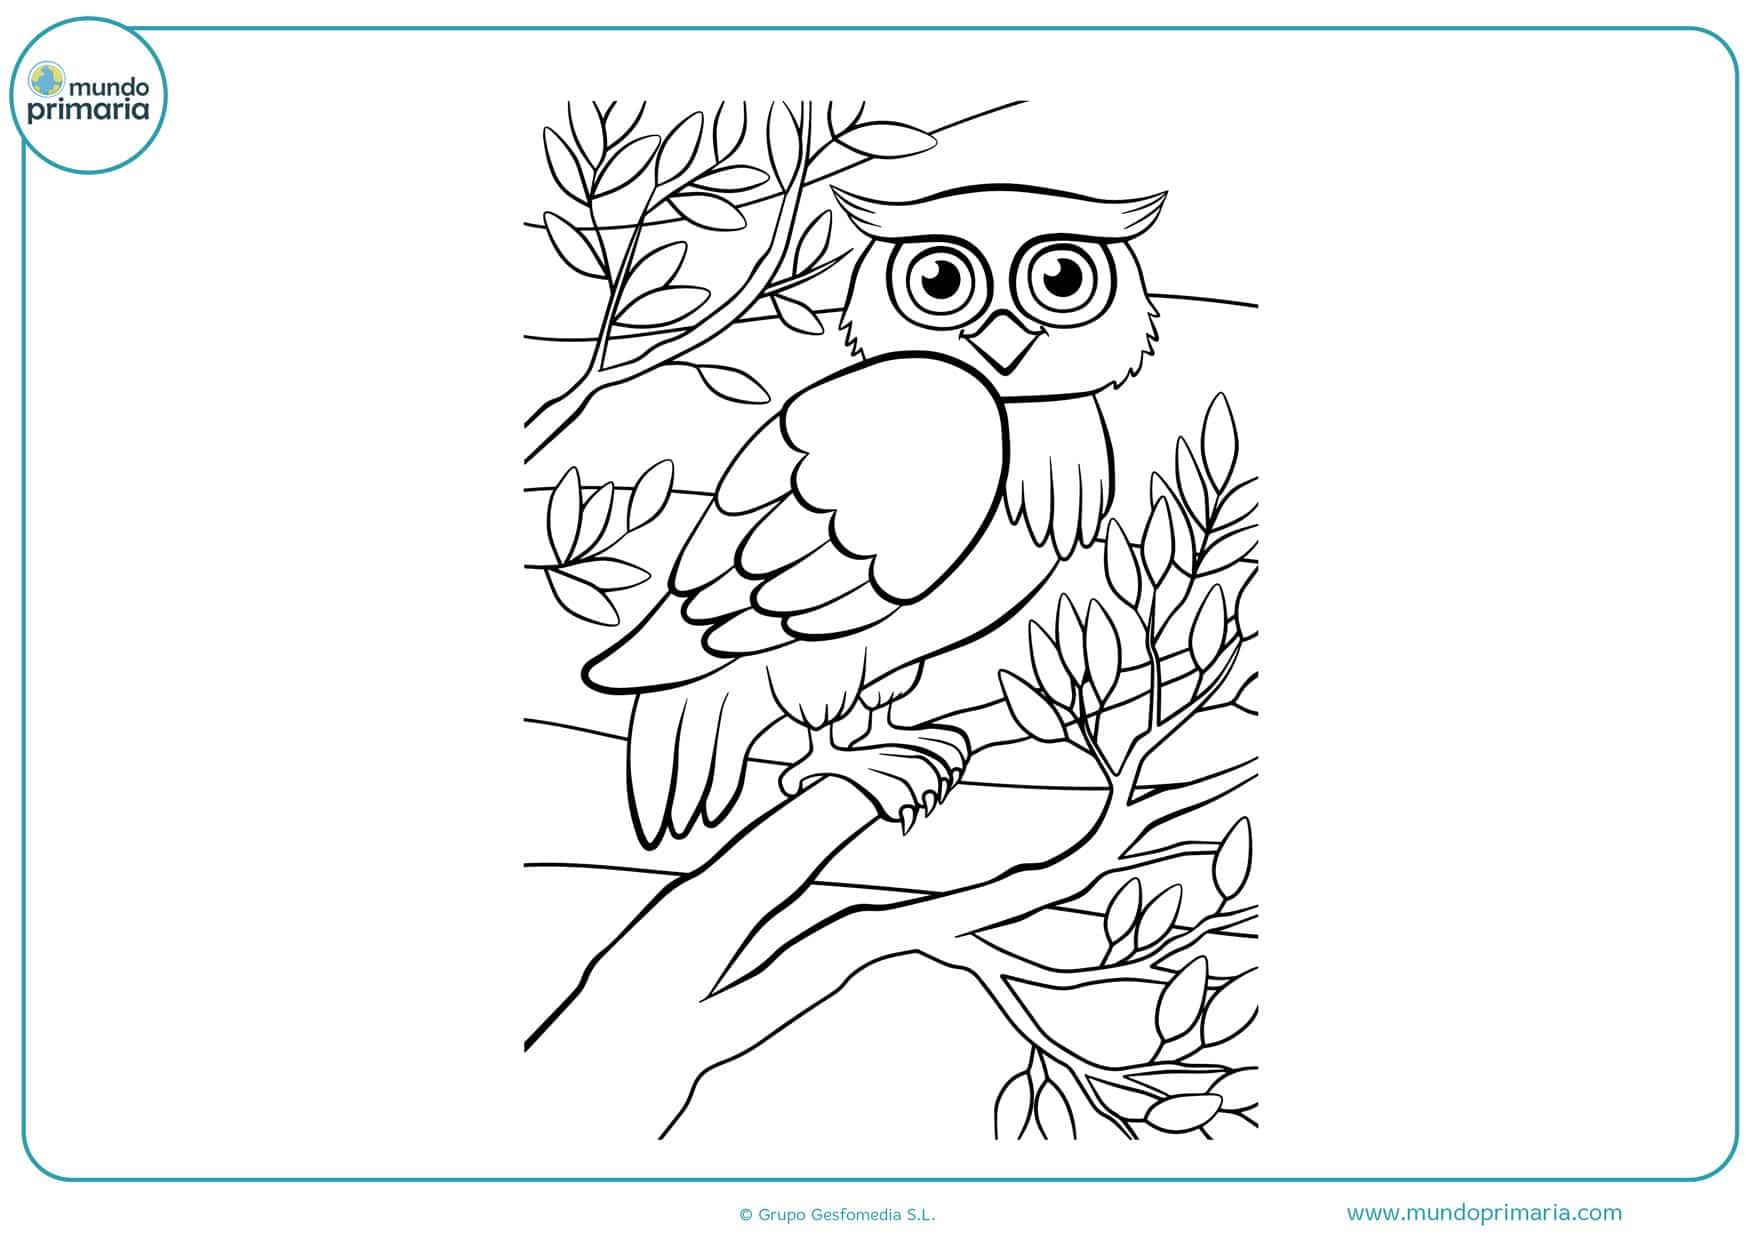 ▷ Dibujos de Búhos para Colorear 【Imprimir y Pintar】